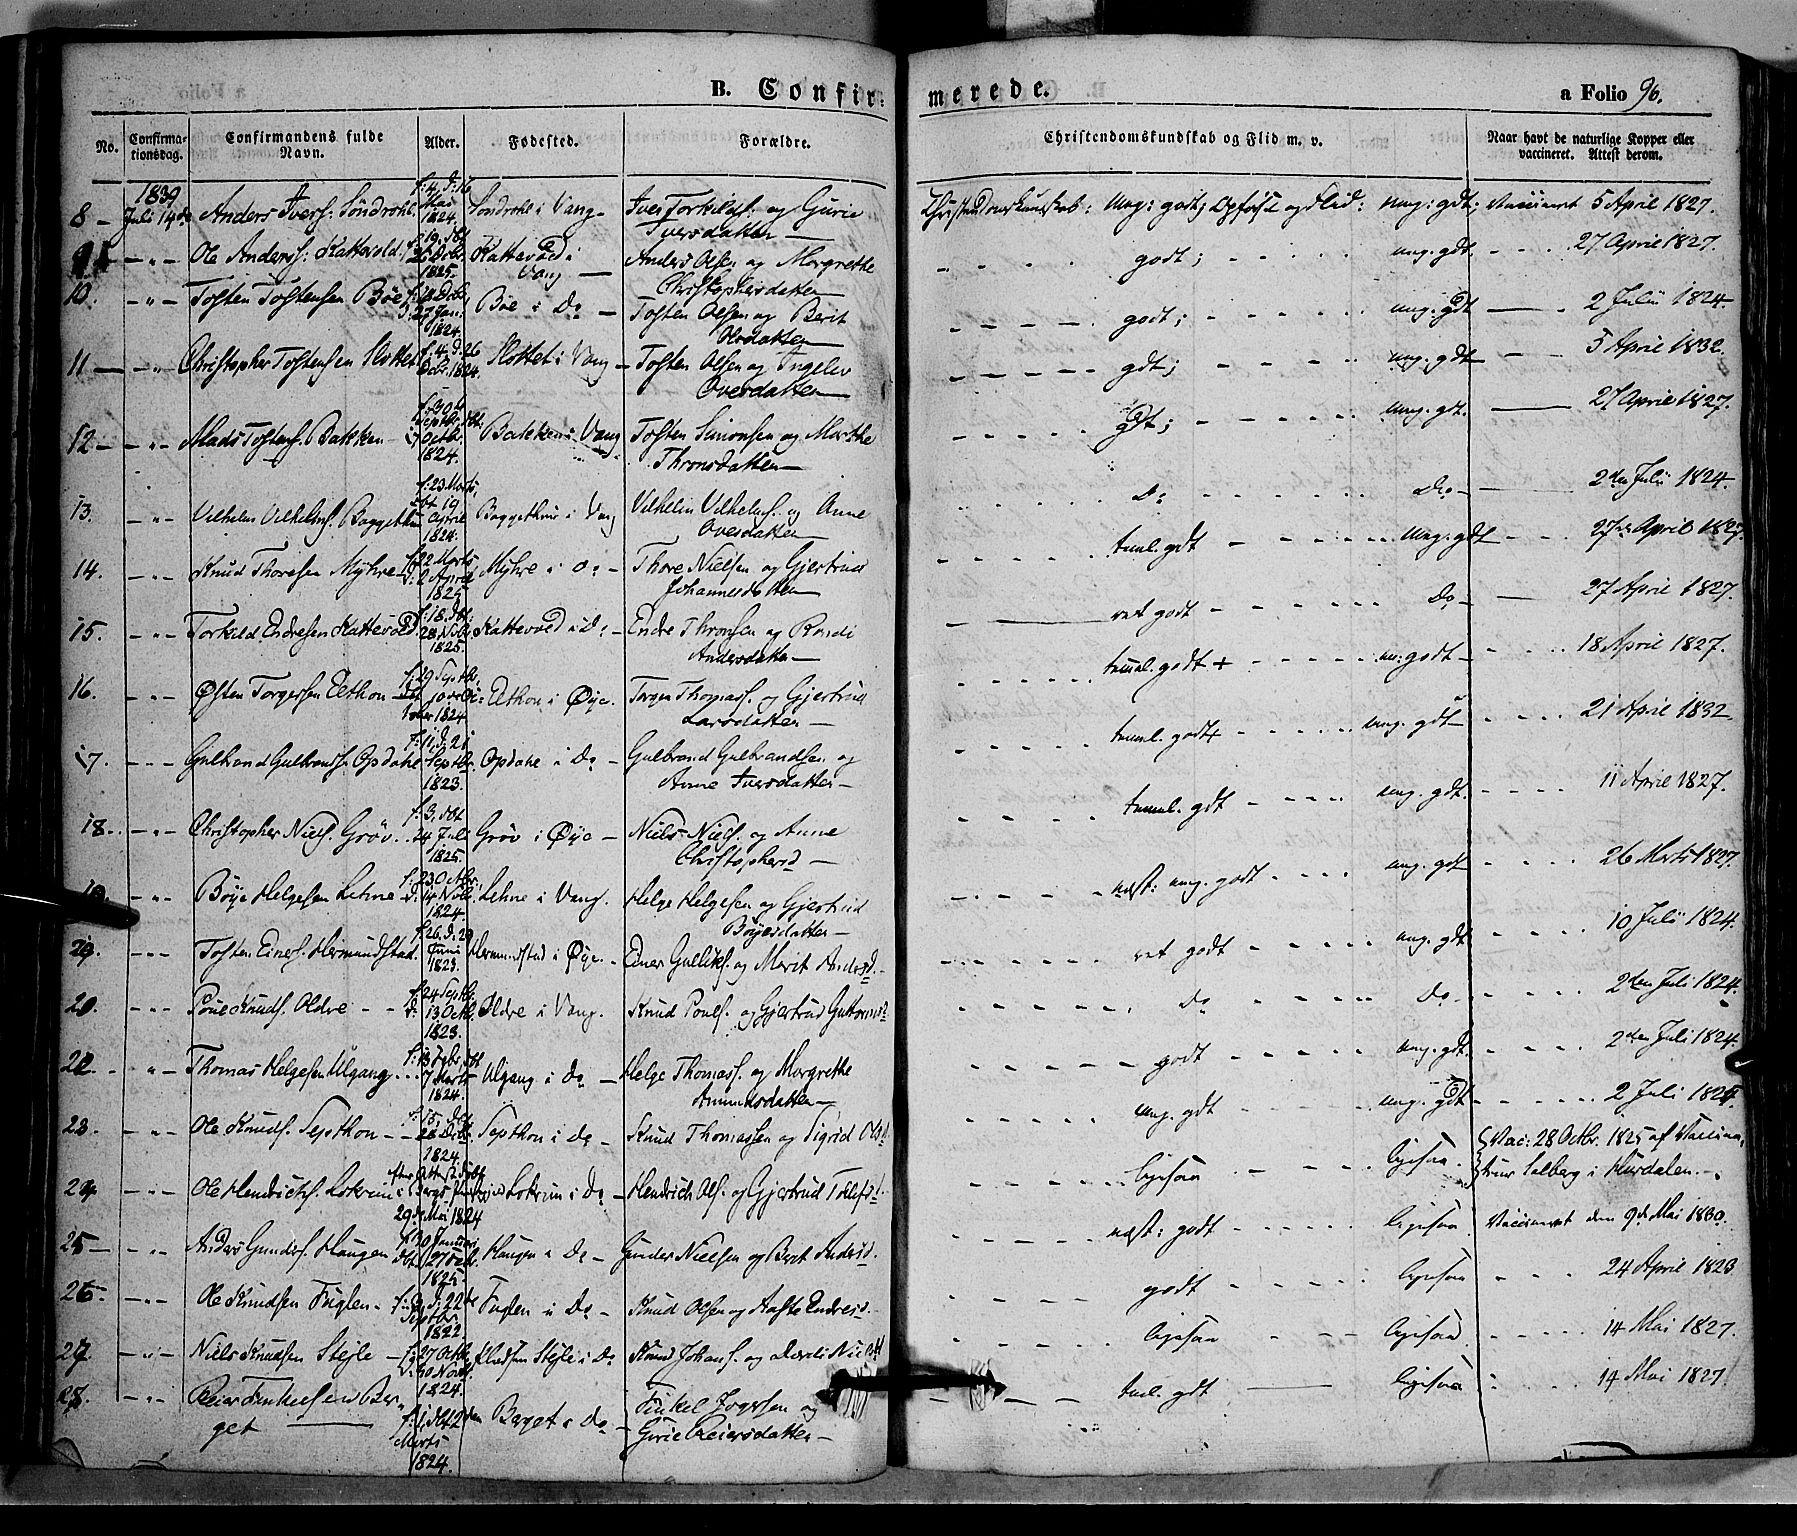 SAH, Vang prestekontor, Valdres, Ministerialbok nr. 5, 1831-1845, s. 96